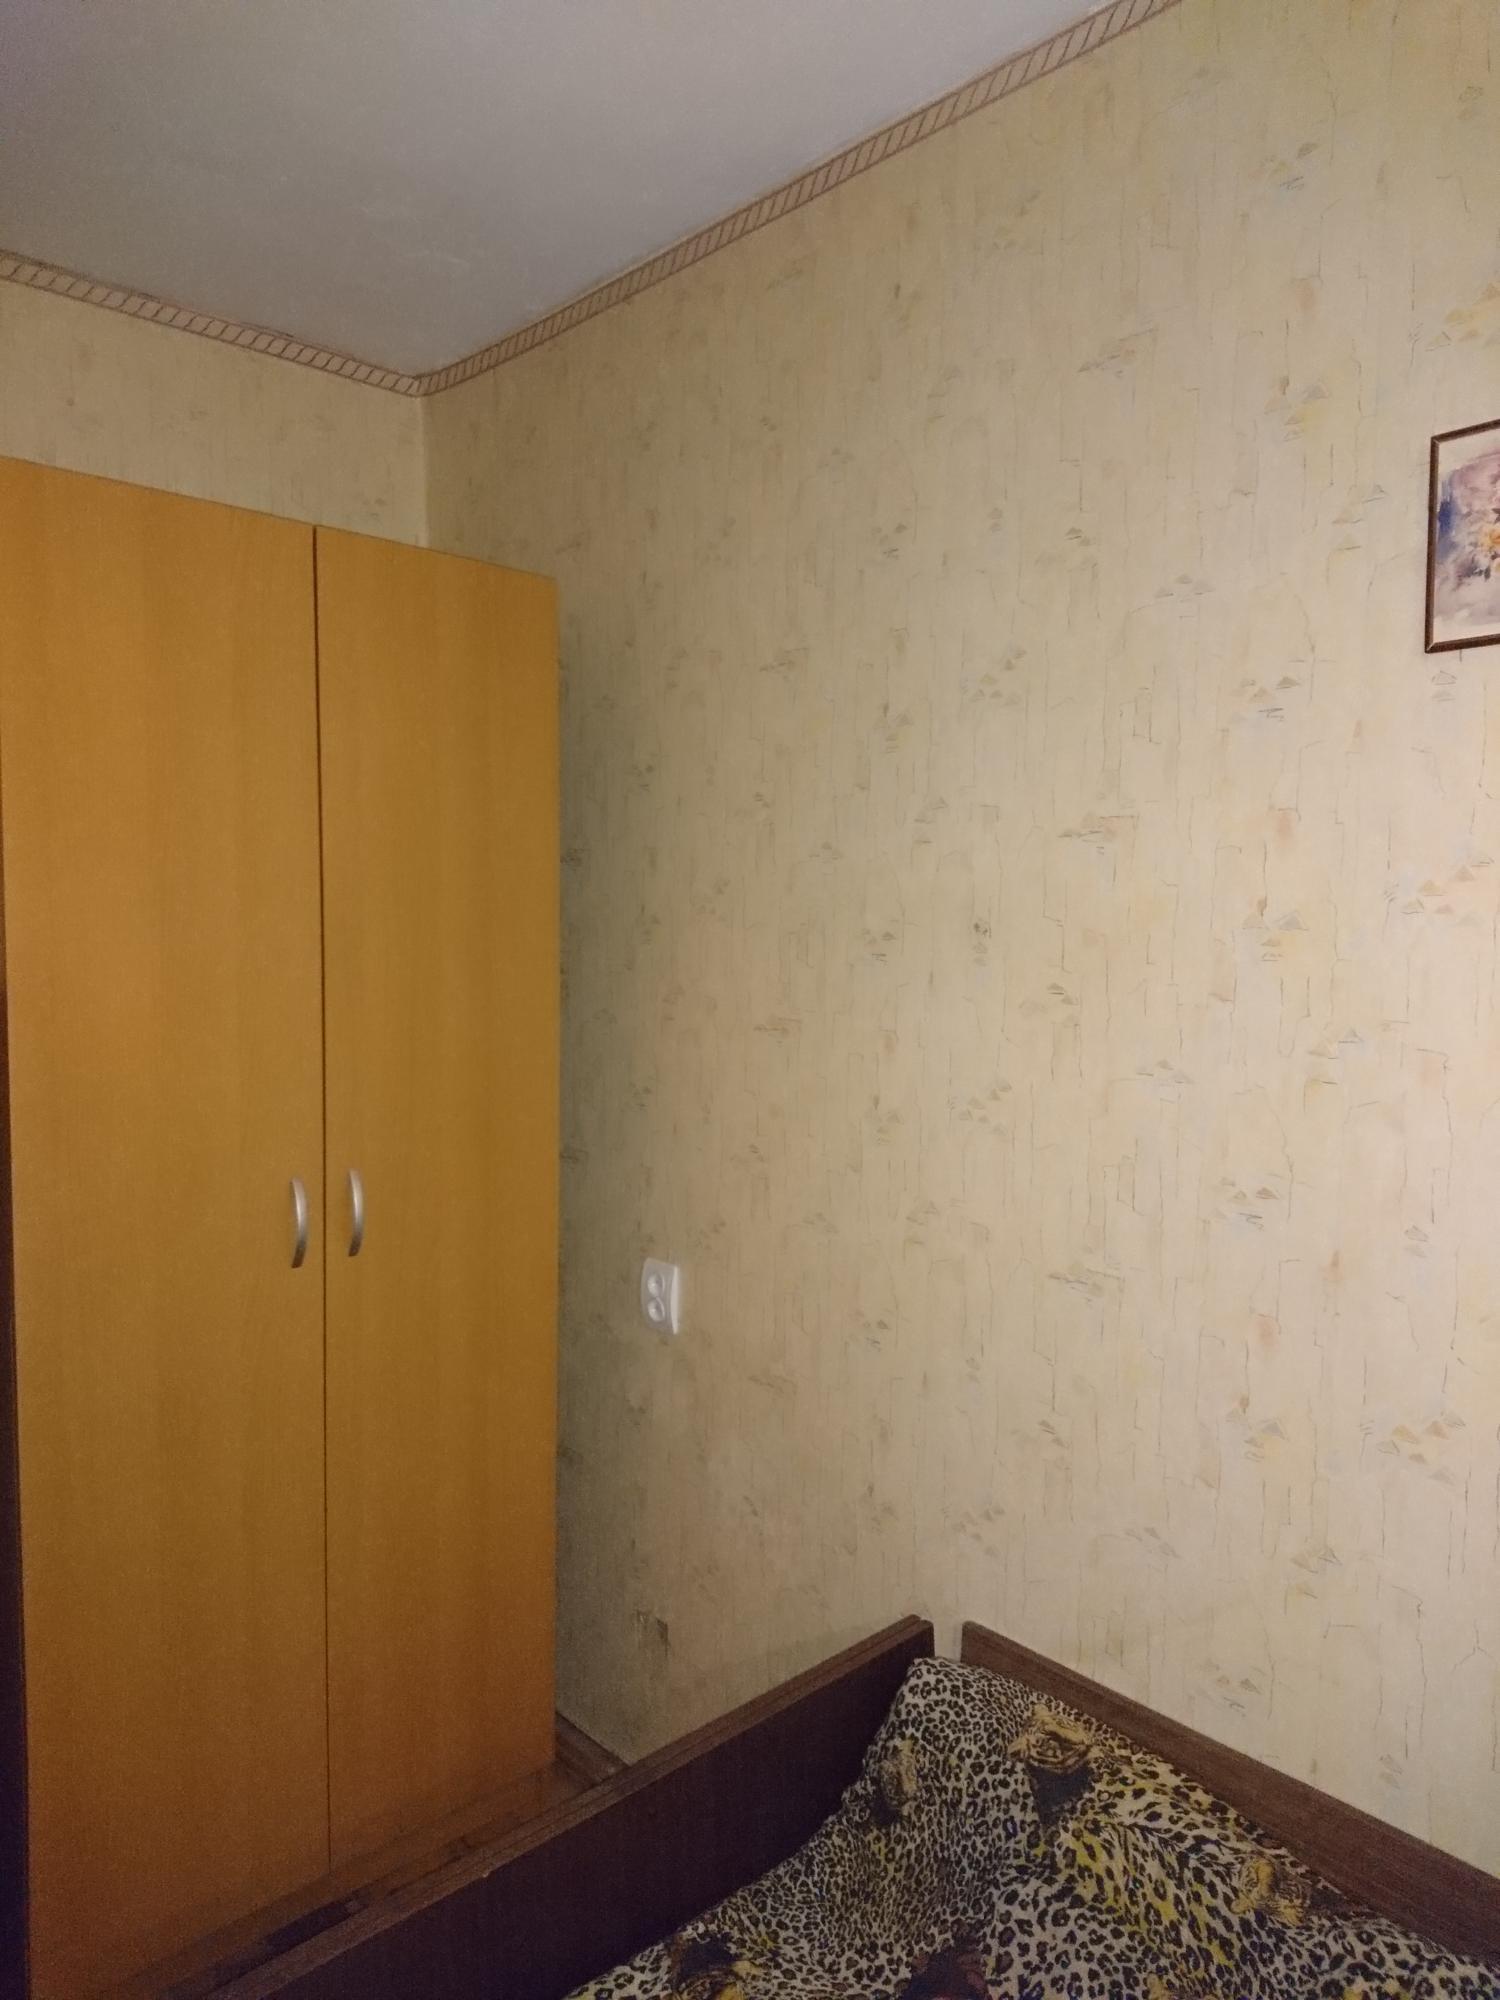 Квартира, 2 комнаты, 50 м² в Пушкино 89055552967 купить 3